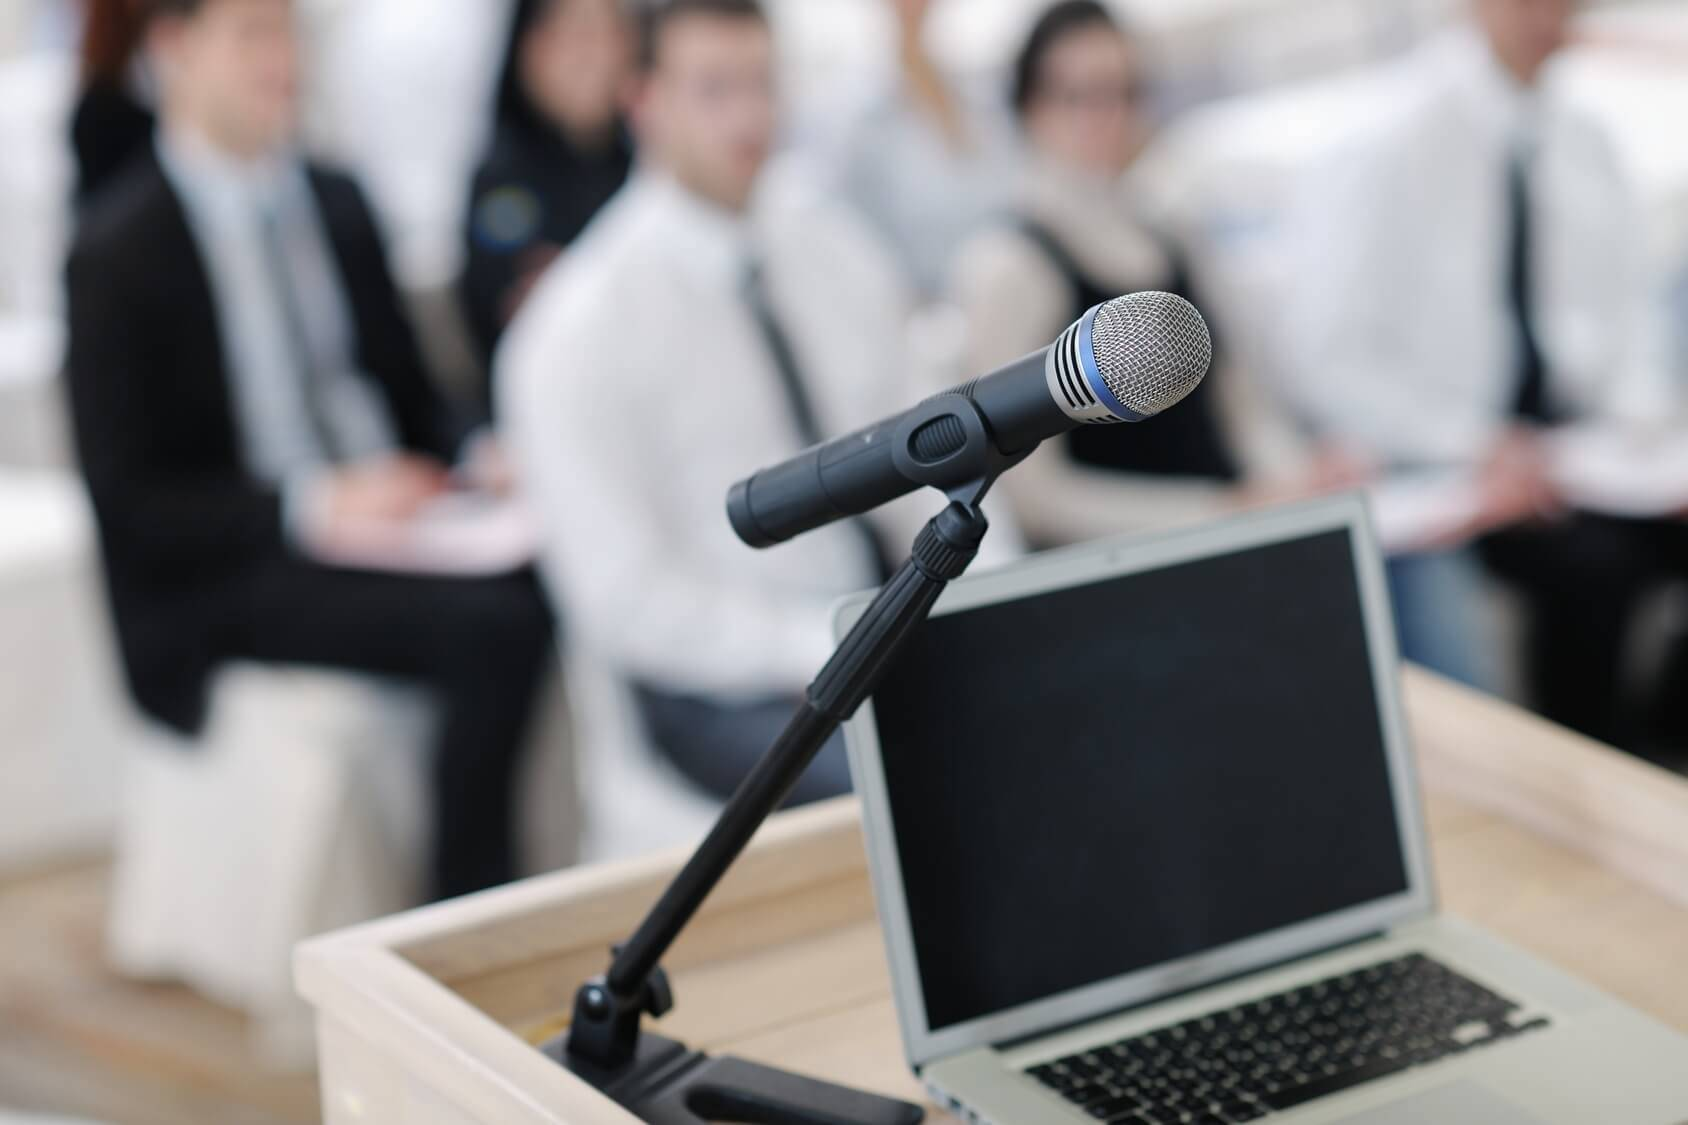 Laptop auf dem Pult Konferenz